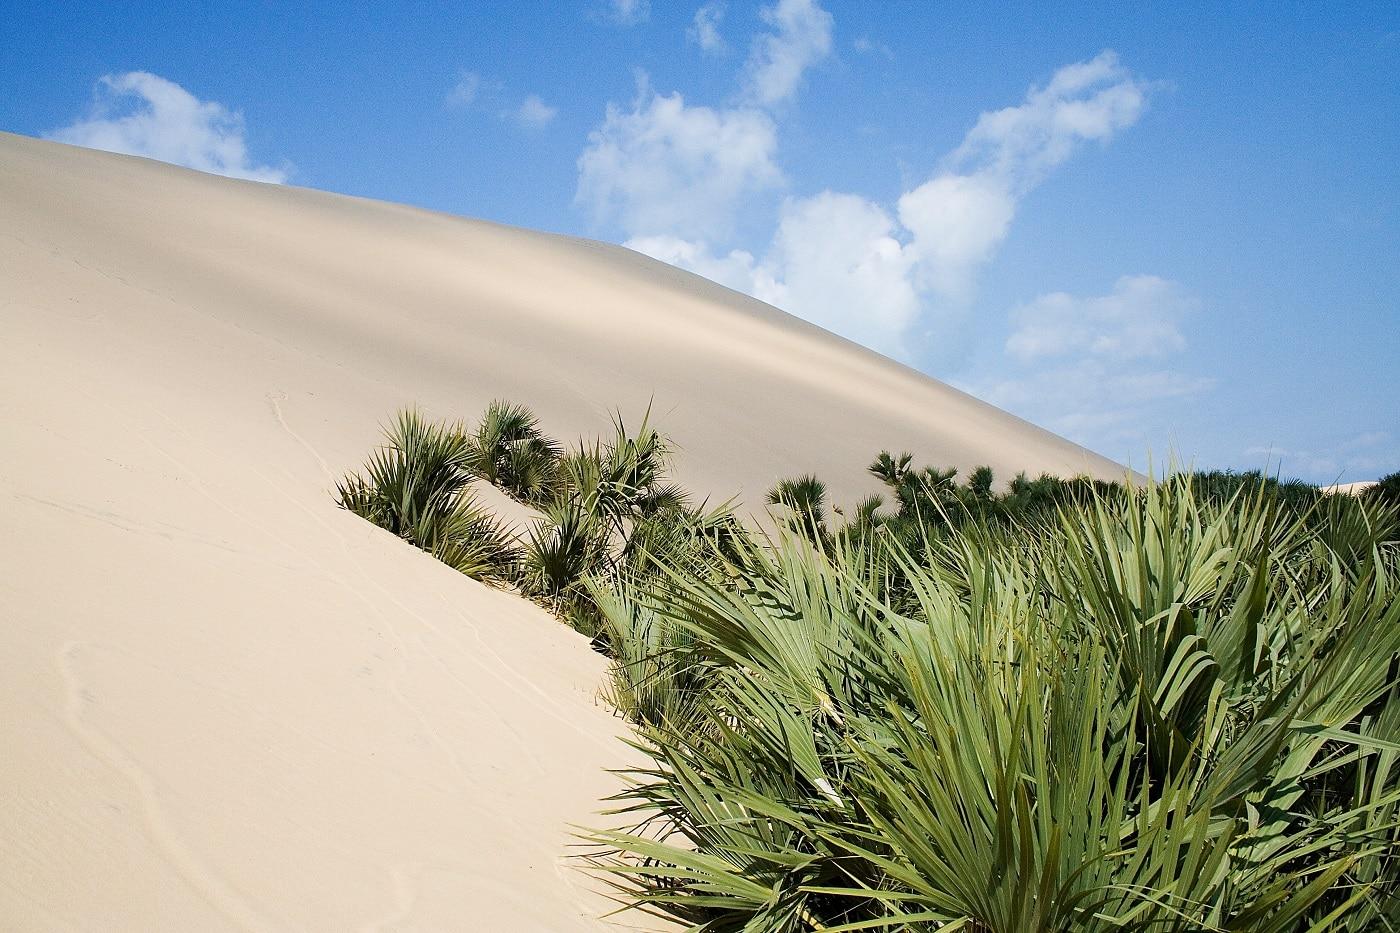 Imensele dune de nisip, o amprentă a regiunii